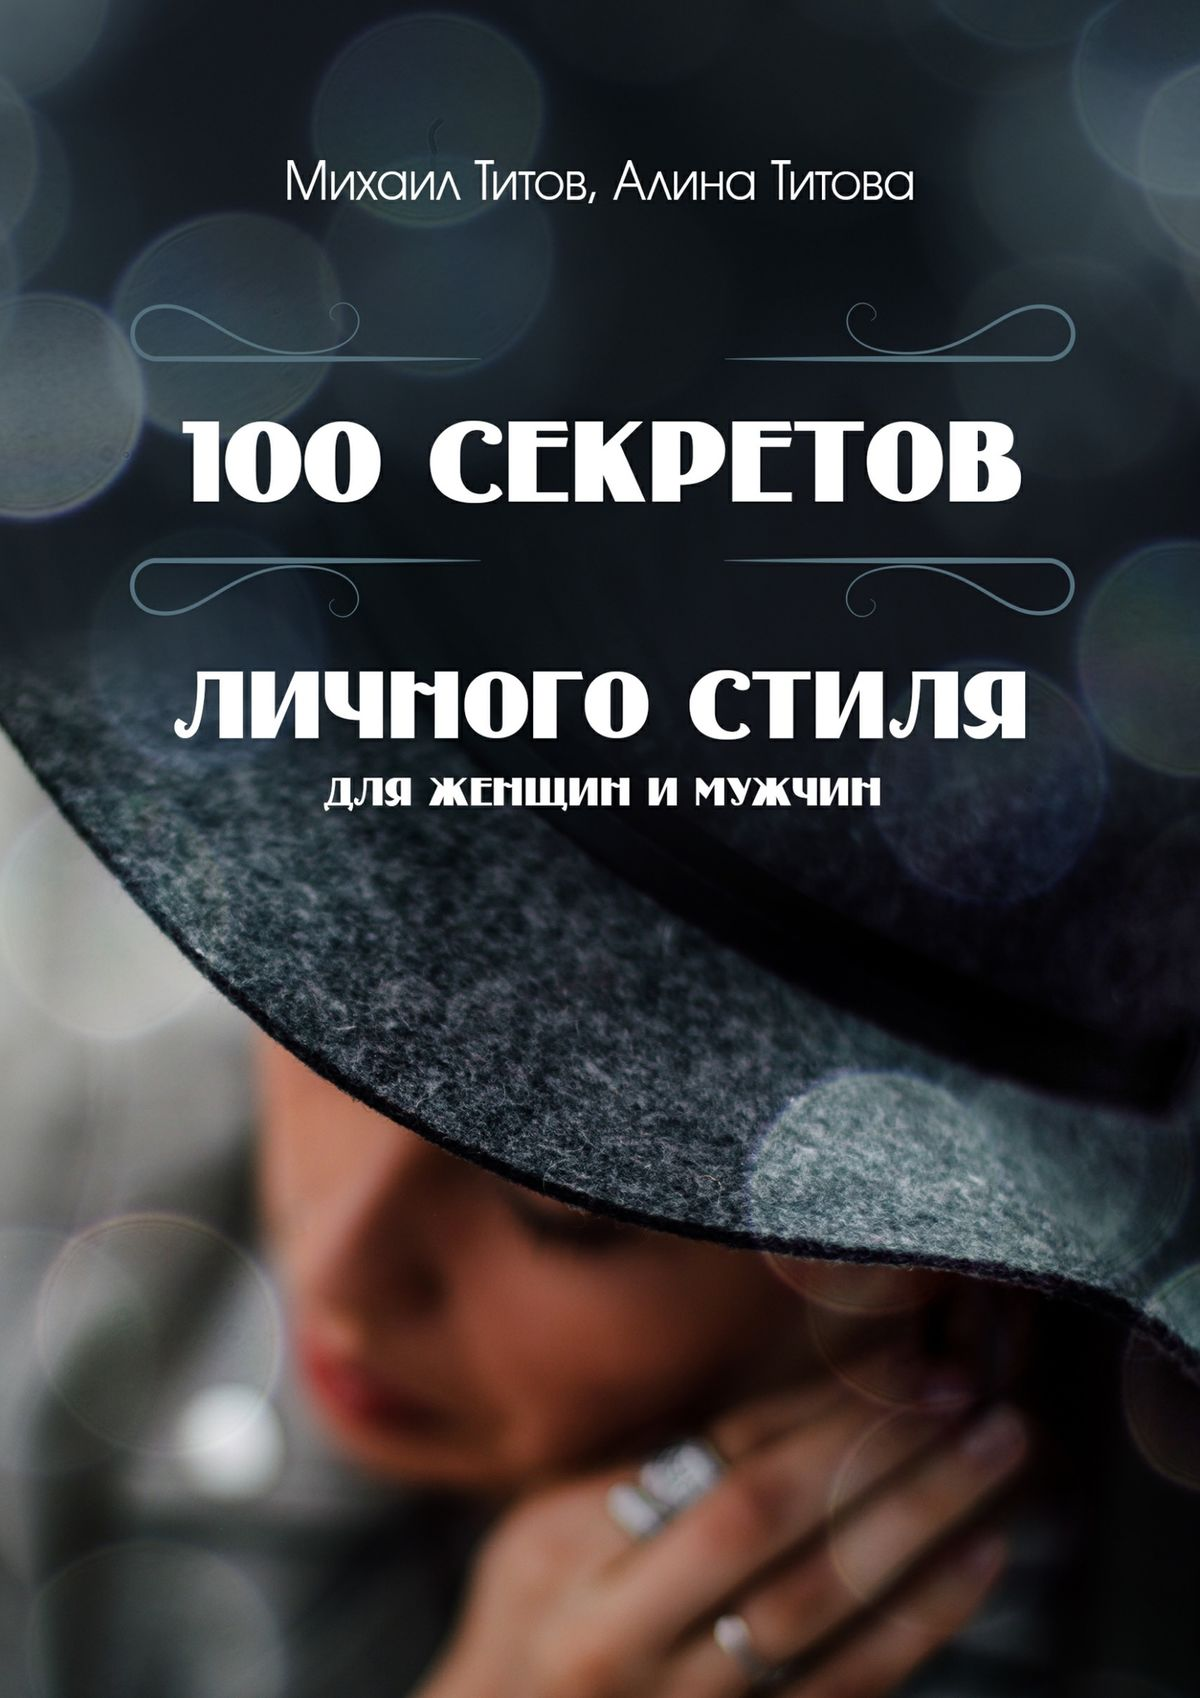 100секретов личного стиля. Для женщин имужчин